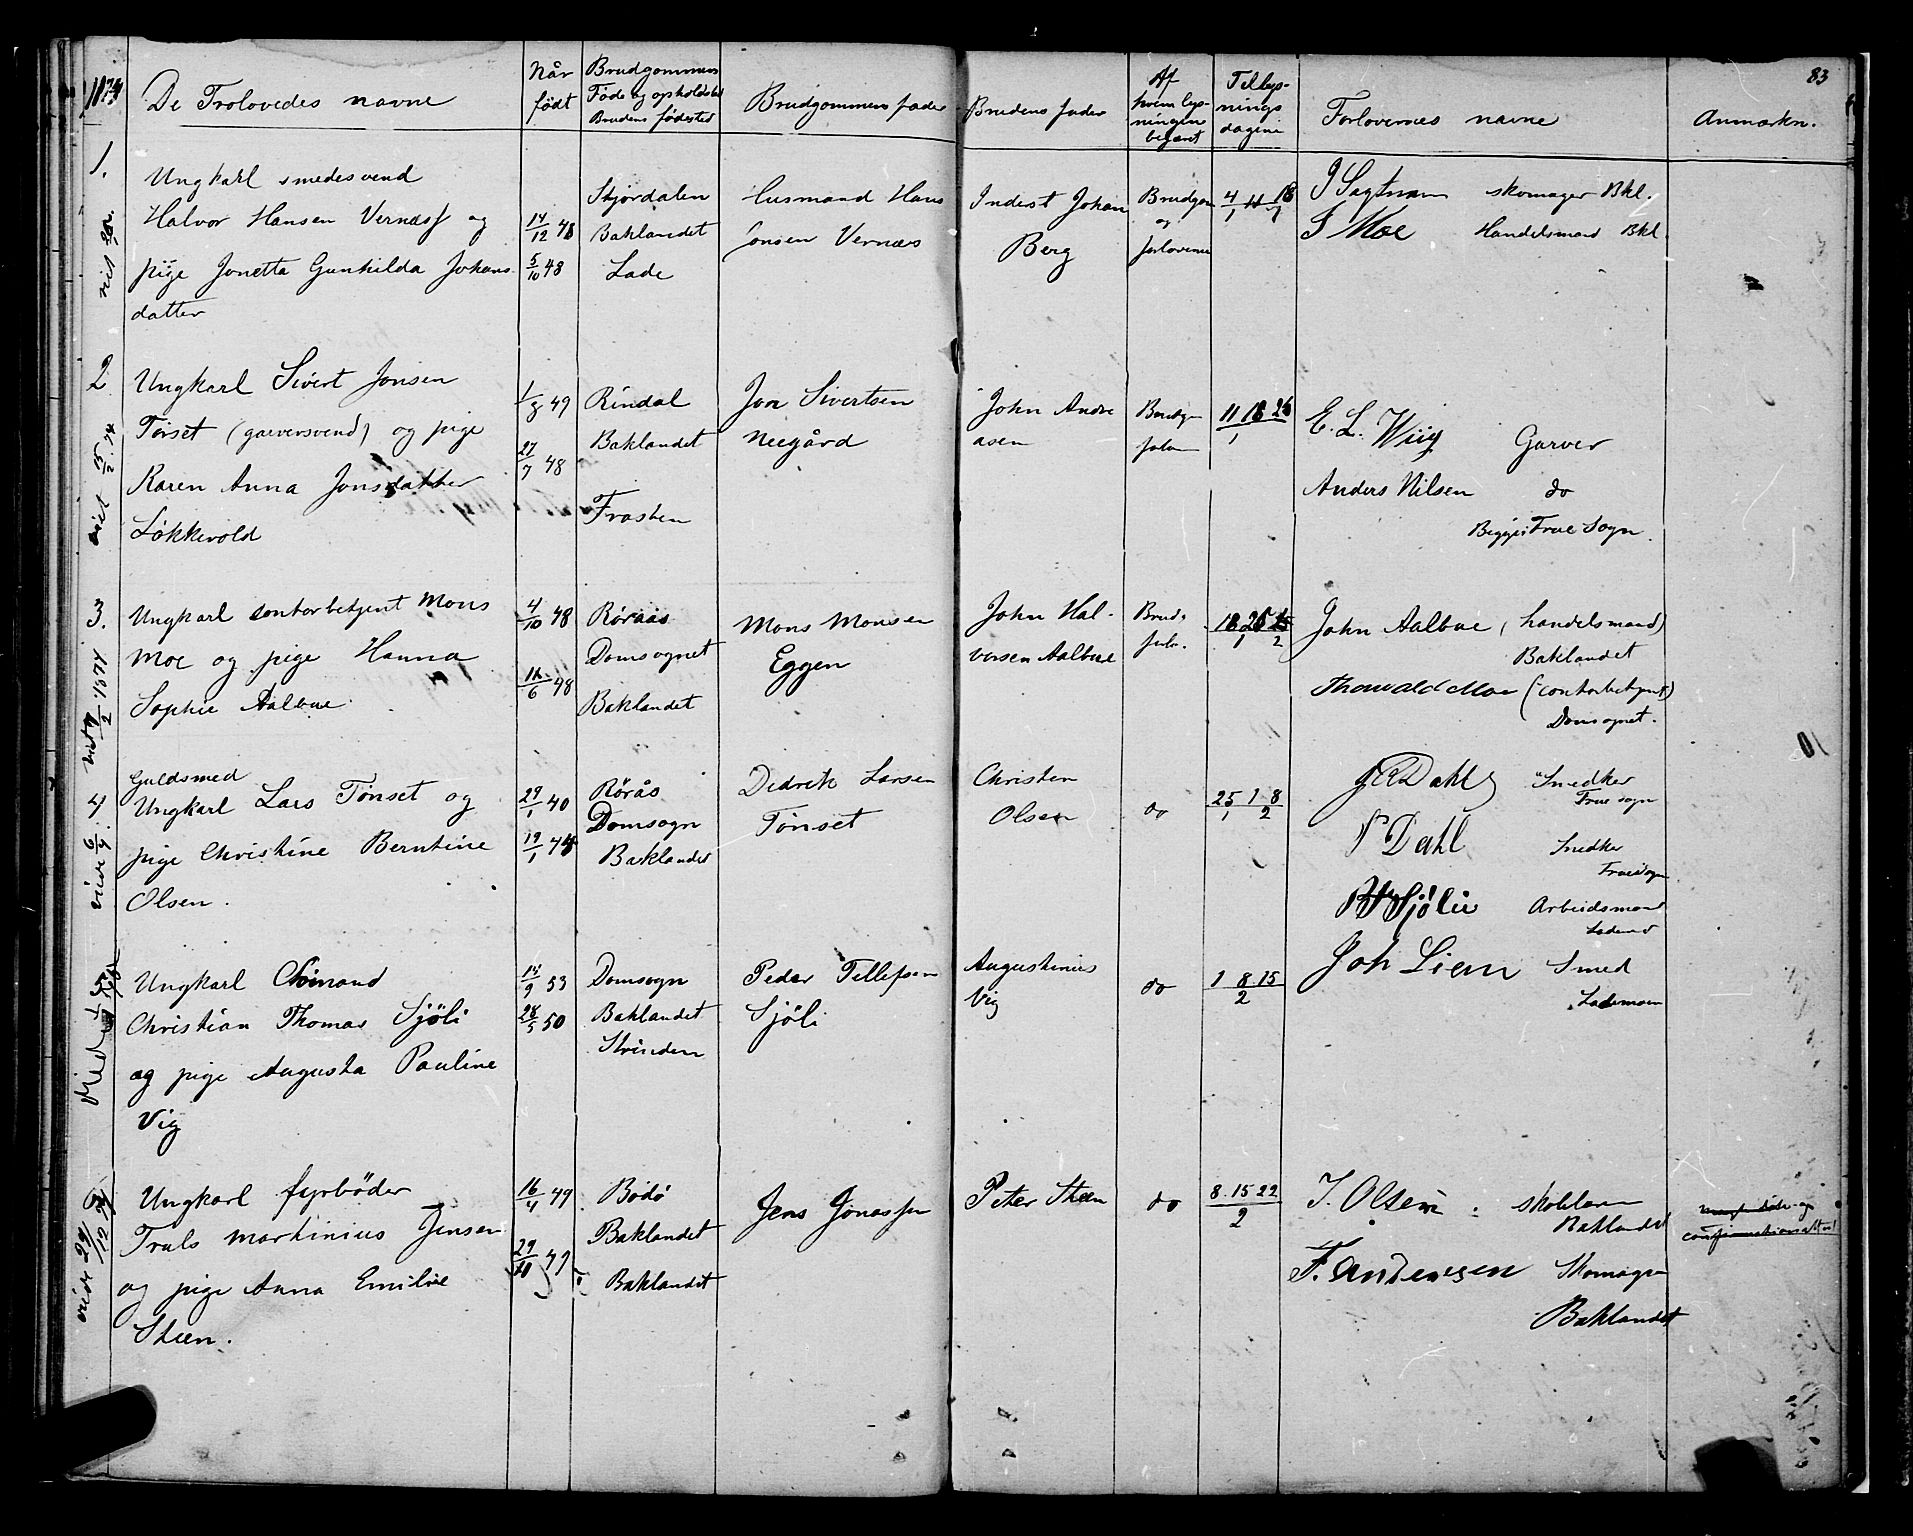 SAT, Ministerialprotokoller, klokkerbøker og fødselsregistre - Sør-Trøndelag, 604/L0187: Ministerialbok nr. 604A08, 1847-1878, s. 83